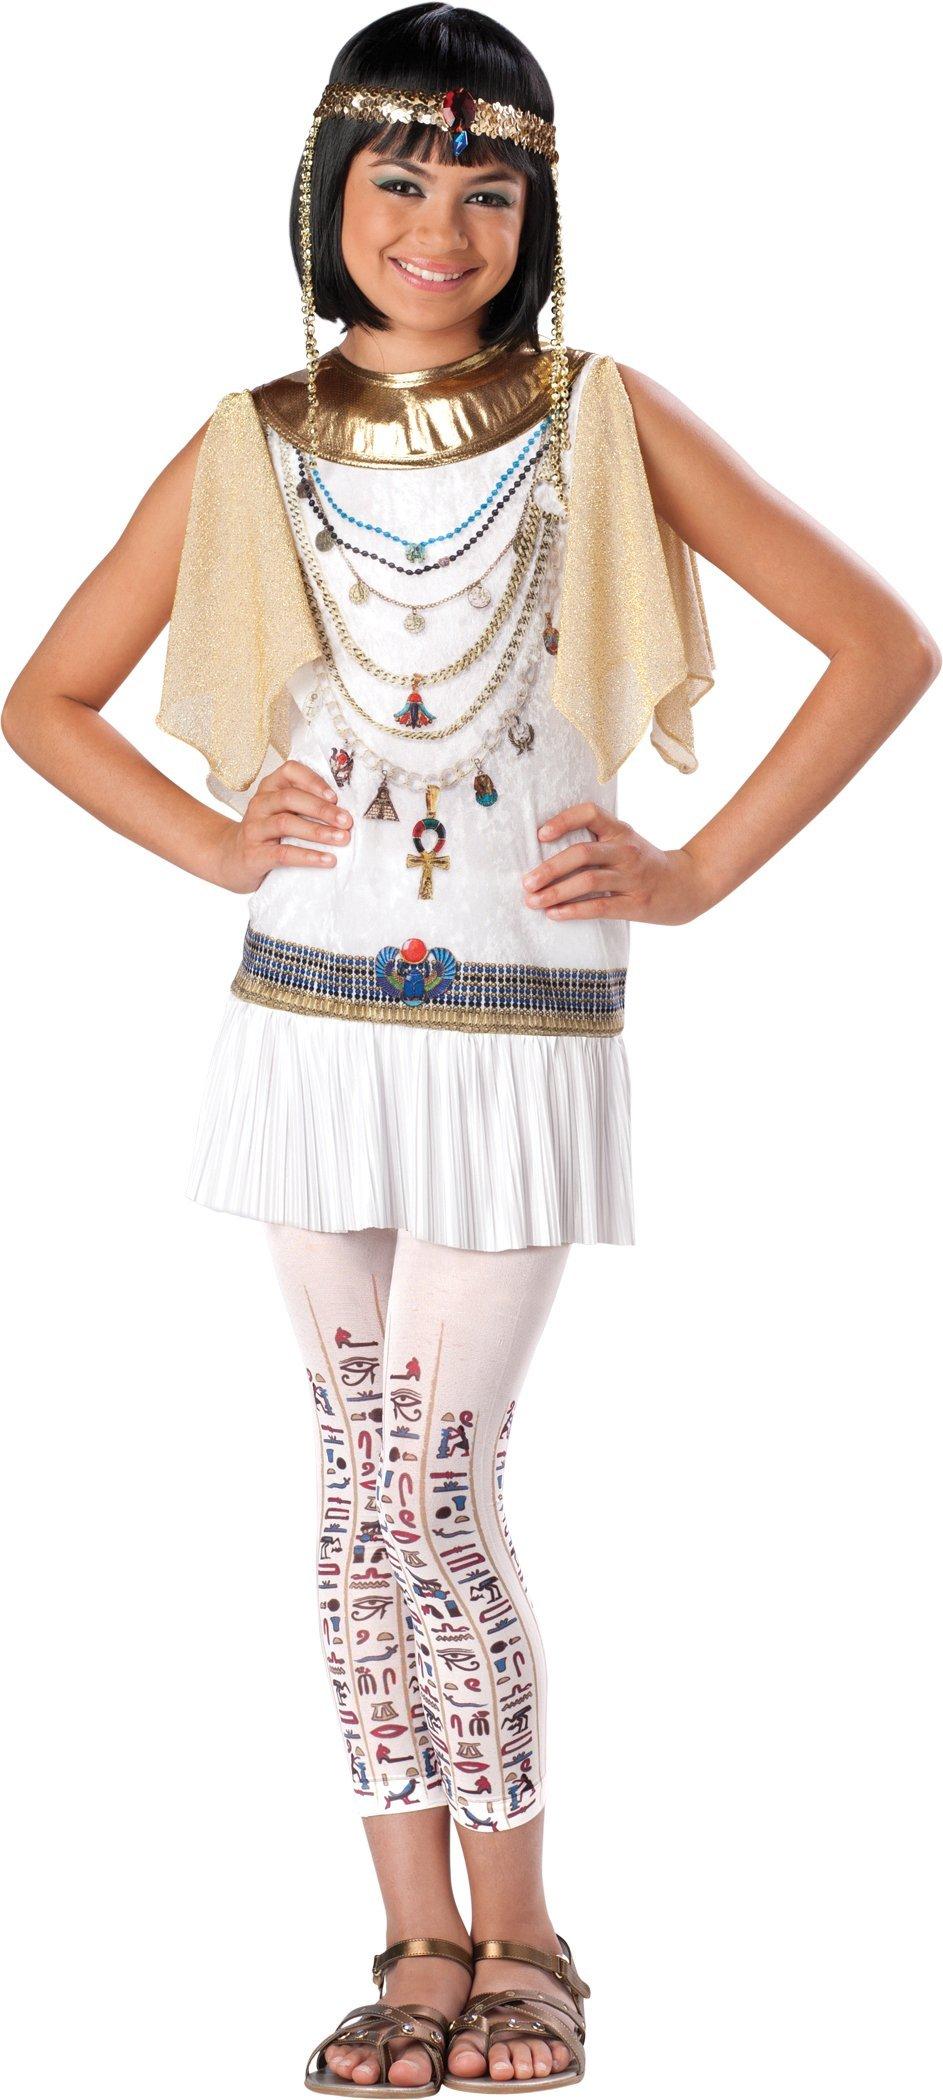 Big Girls' Cleo Cutie Costume - M